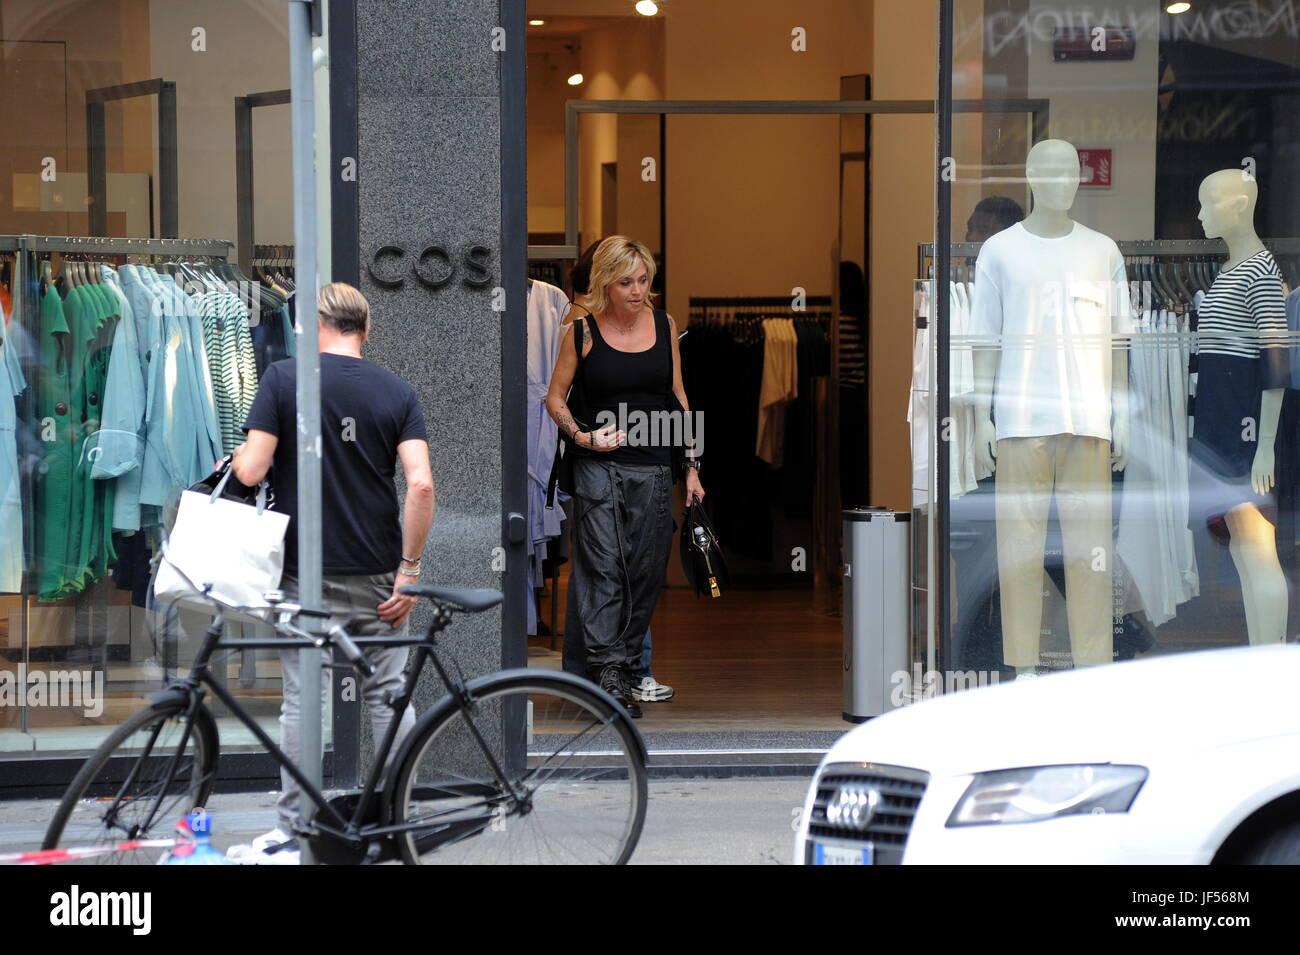 Negozi Per La Casa Milano milano, paola barale rende lo shopping nel centro paola